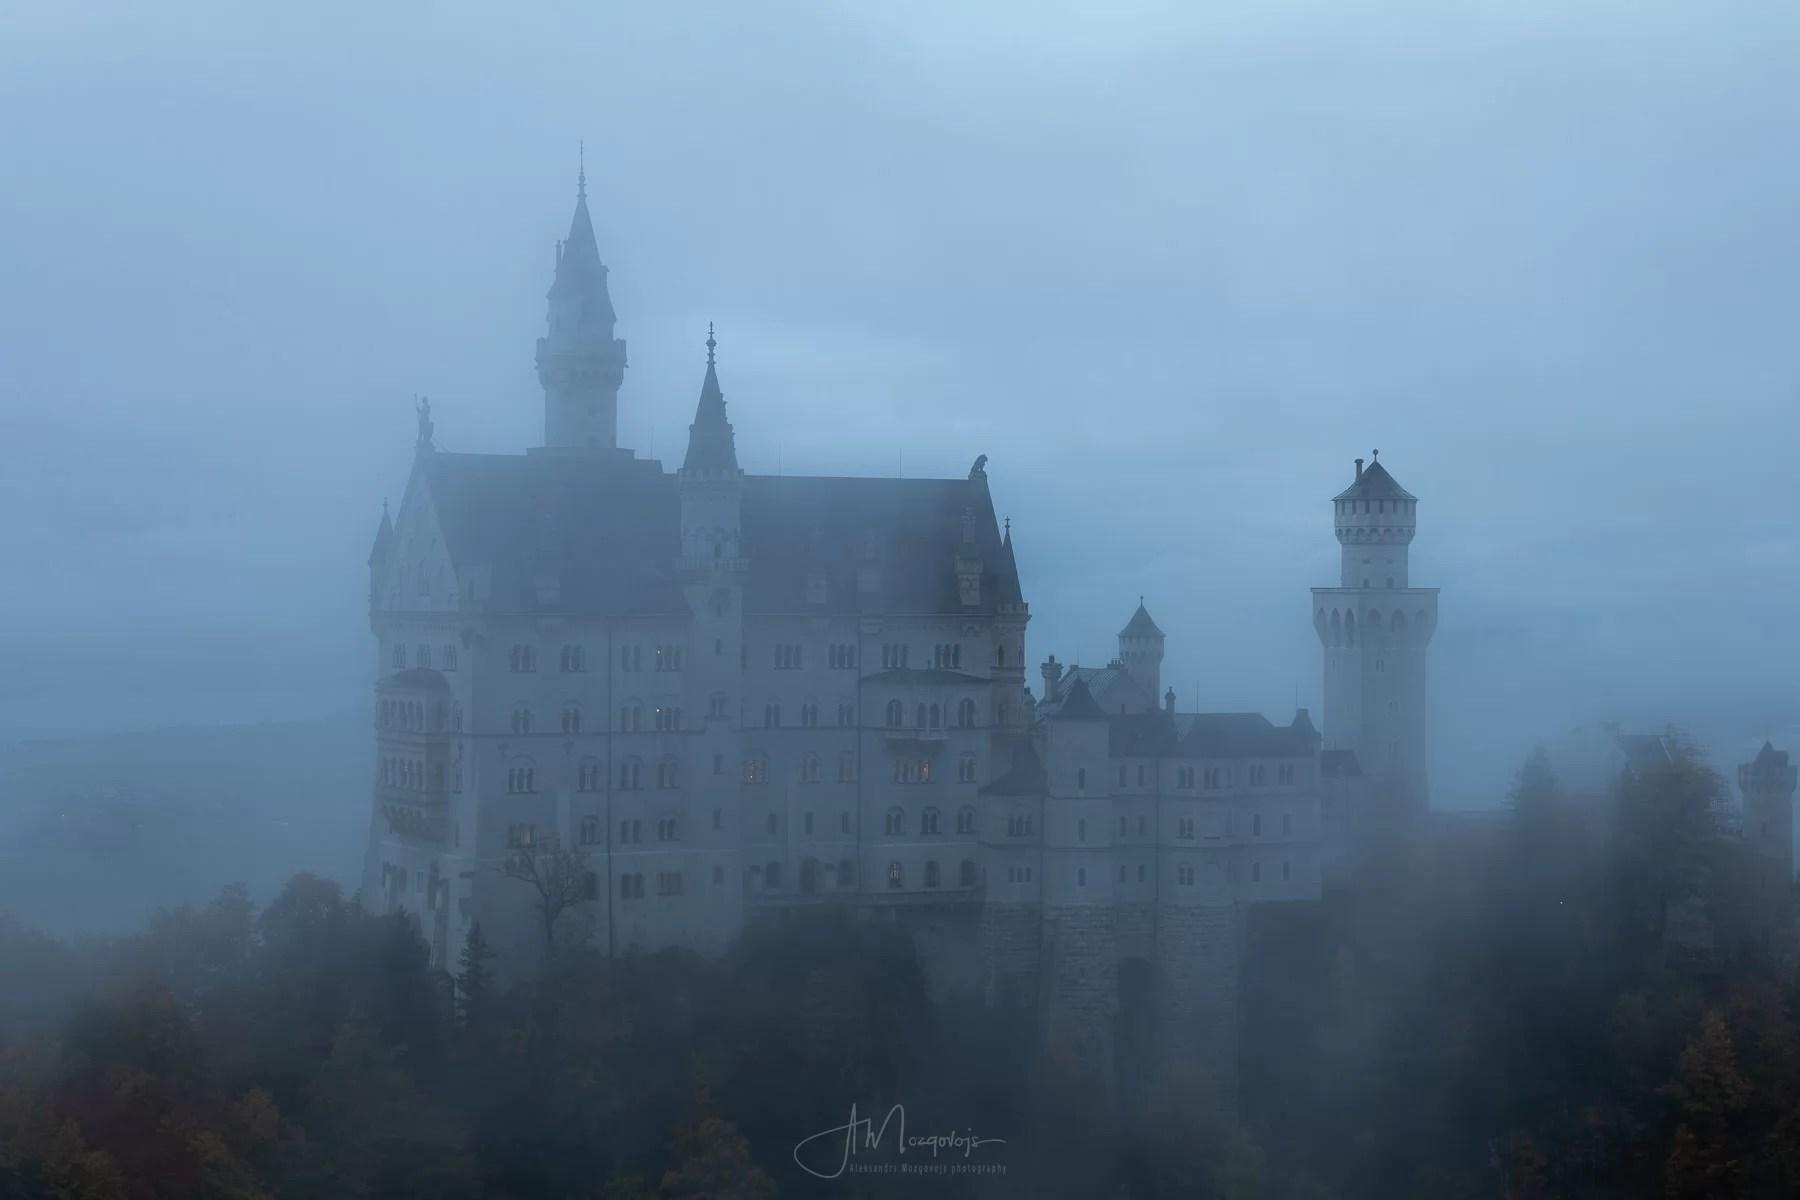 Castle Neuschwanstein in Fog